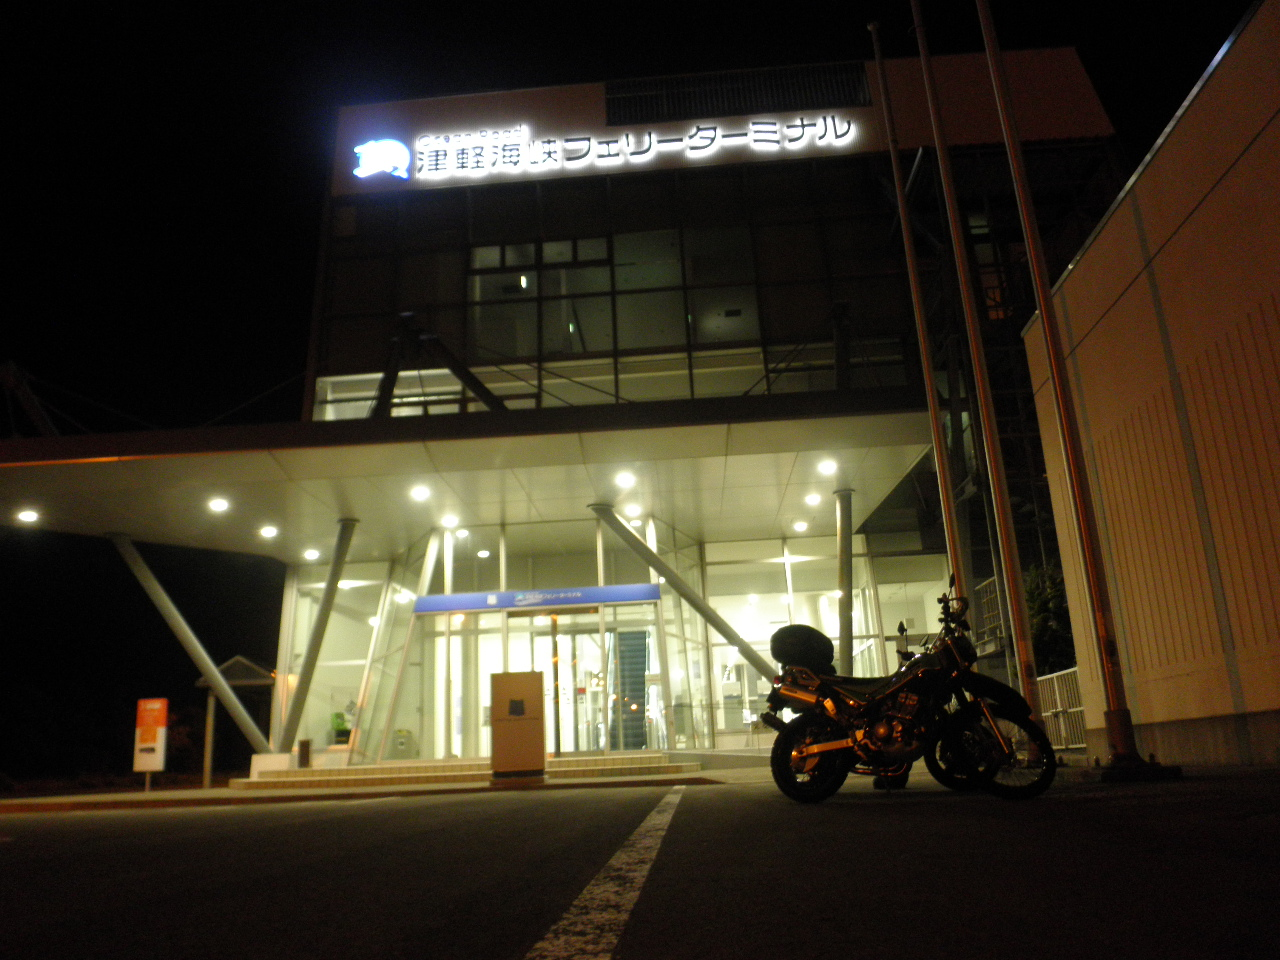 青森フェリーターミナル①P6074724.JPG